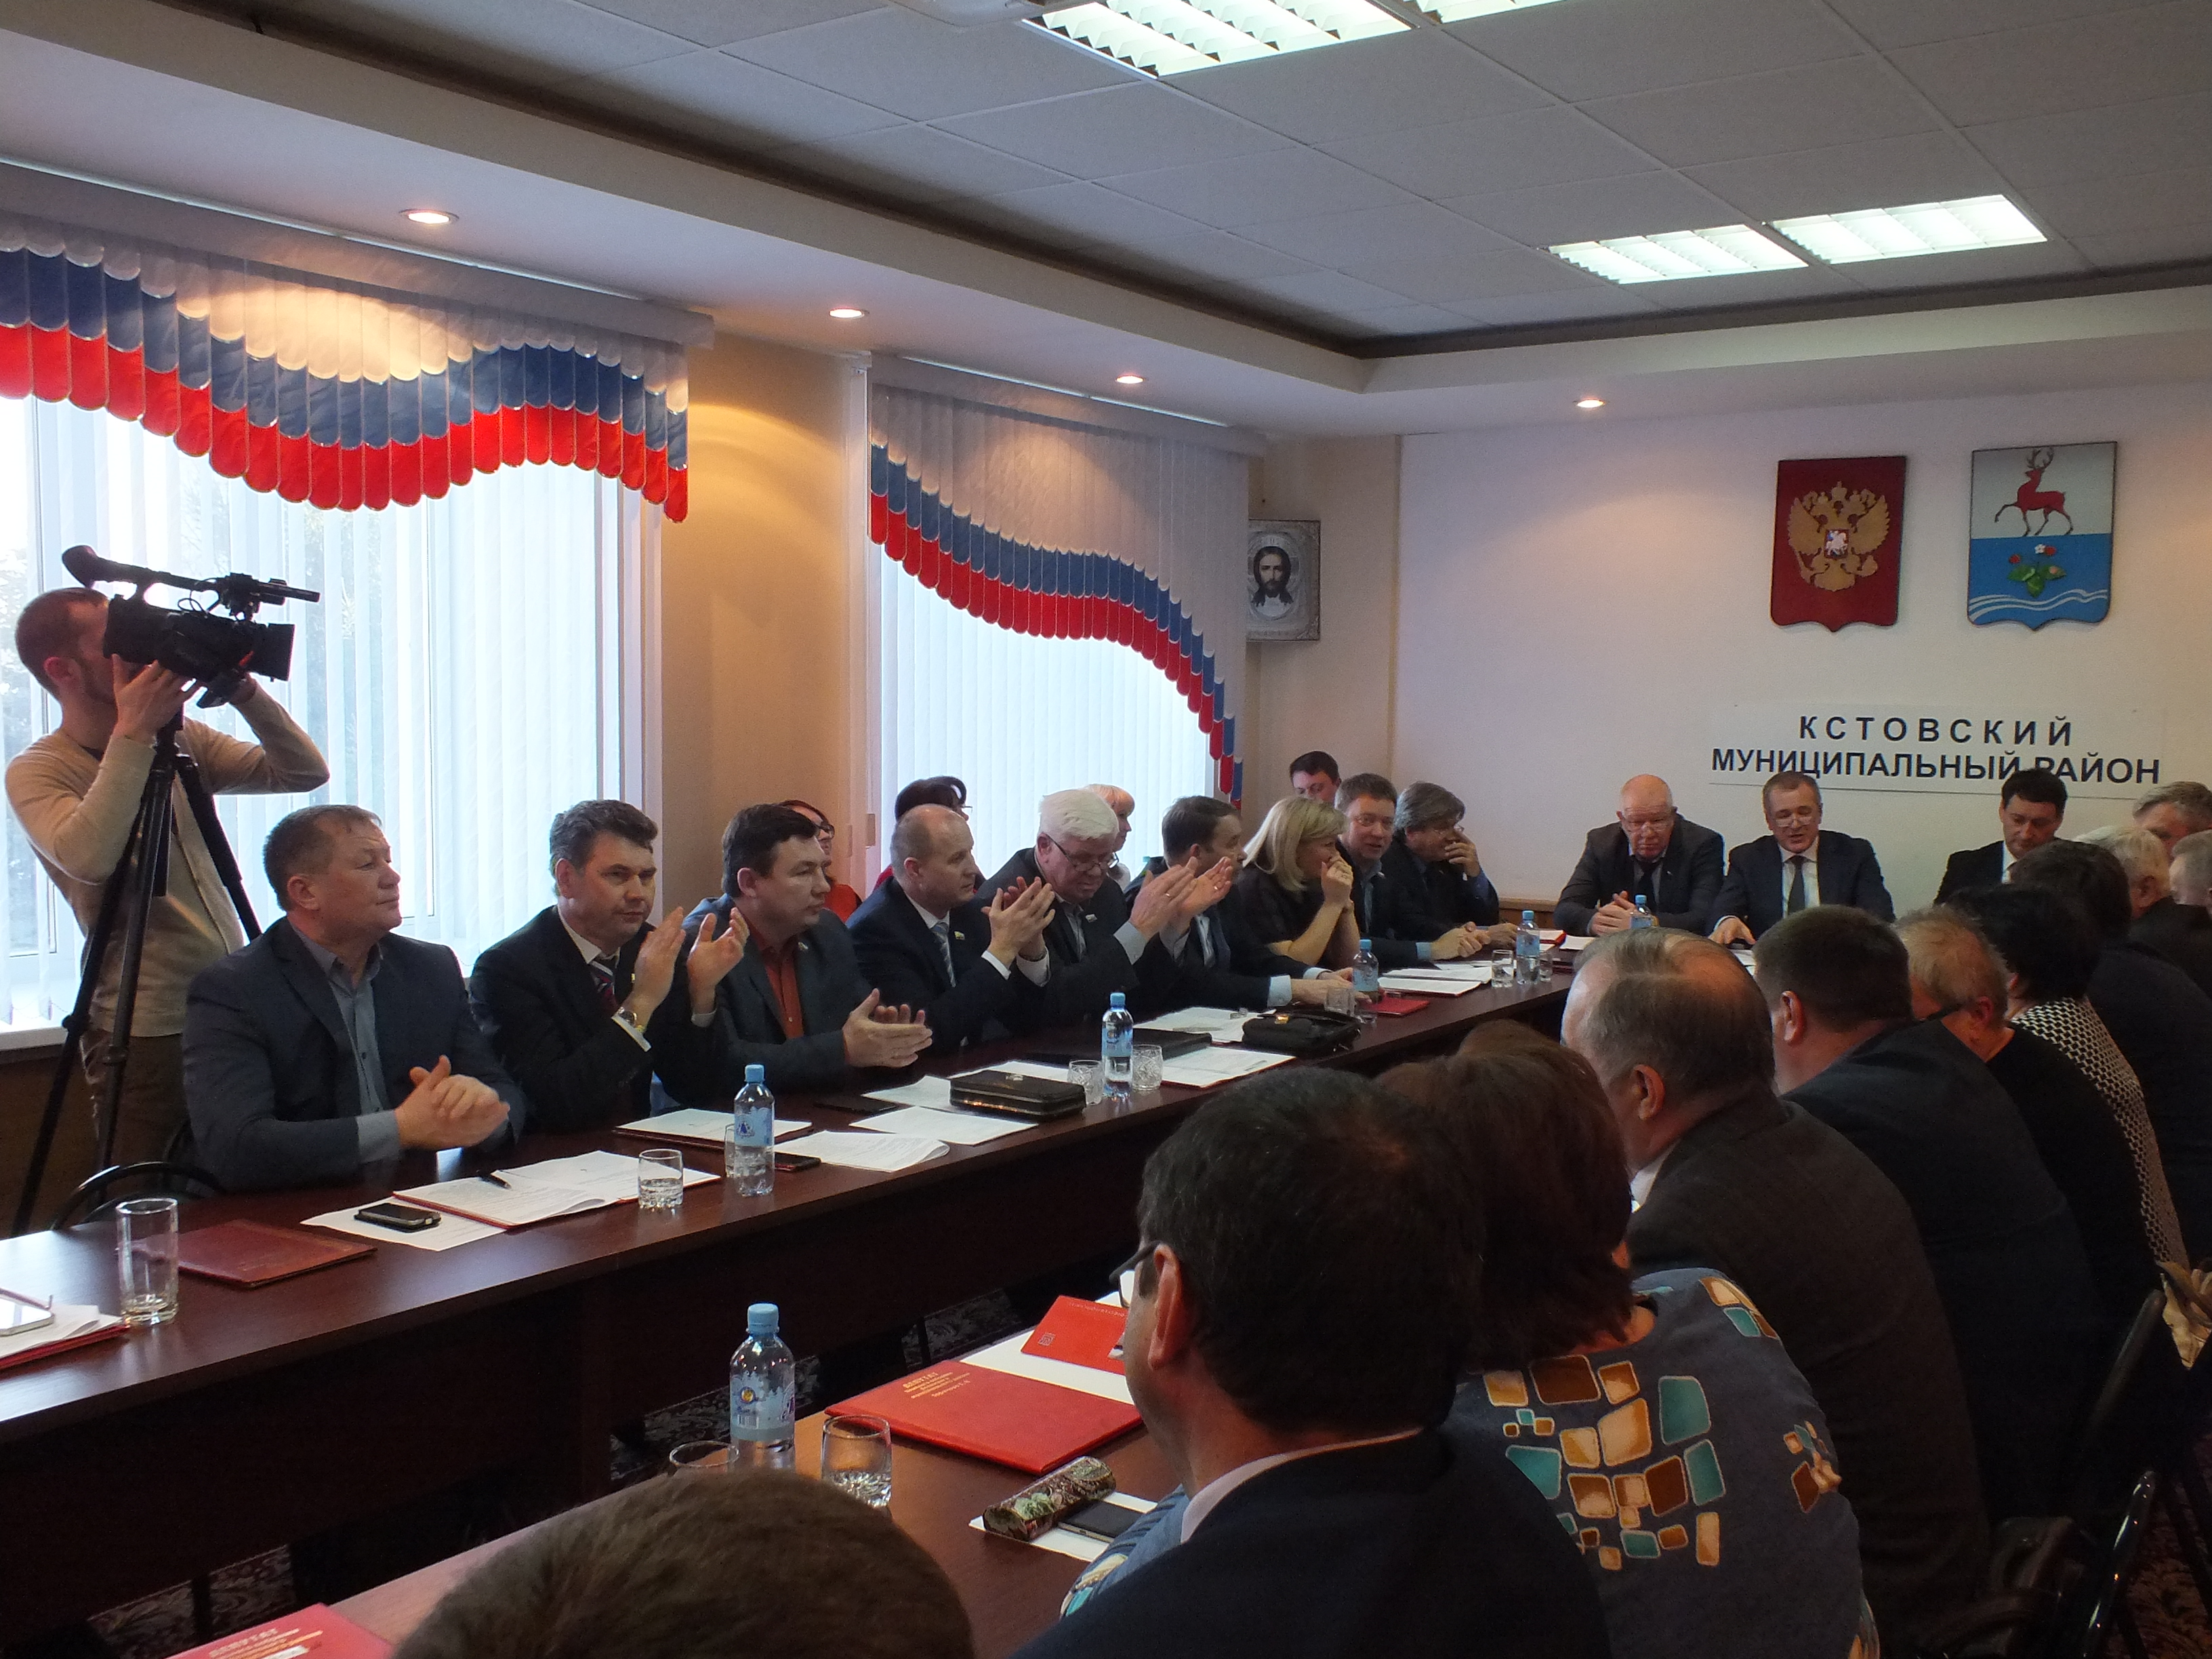 Виталий Ковалев возглавит администрацию Кстовского района